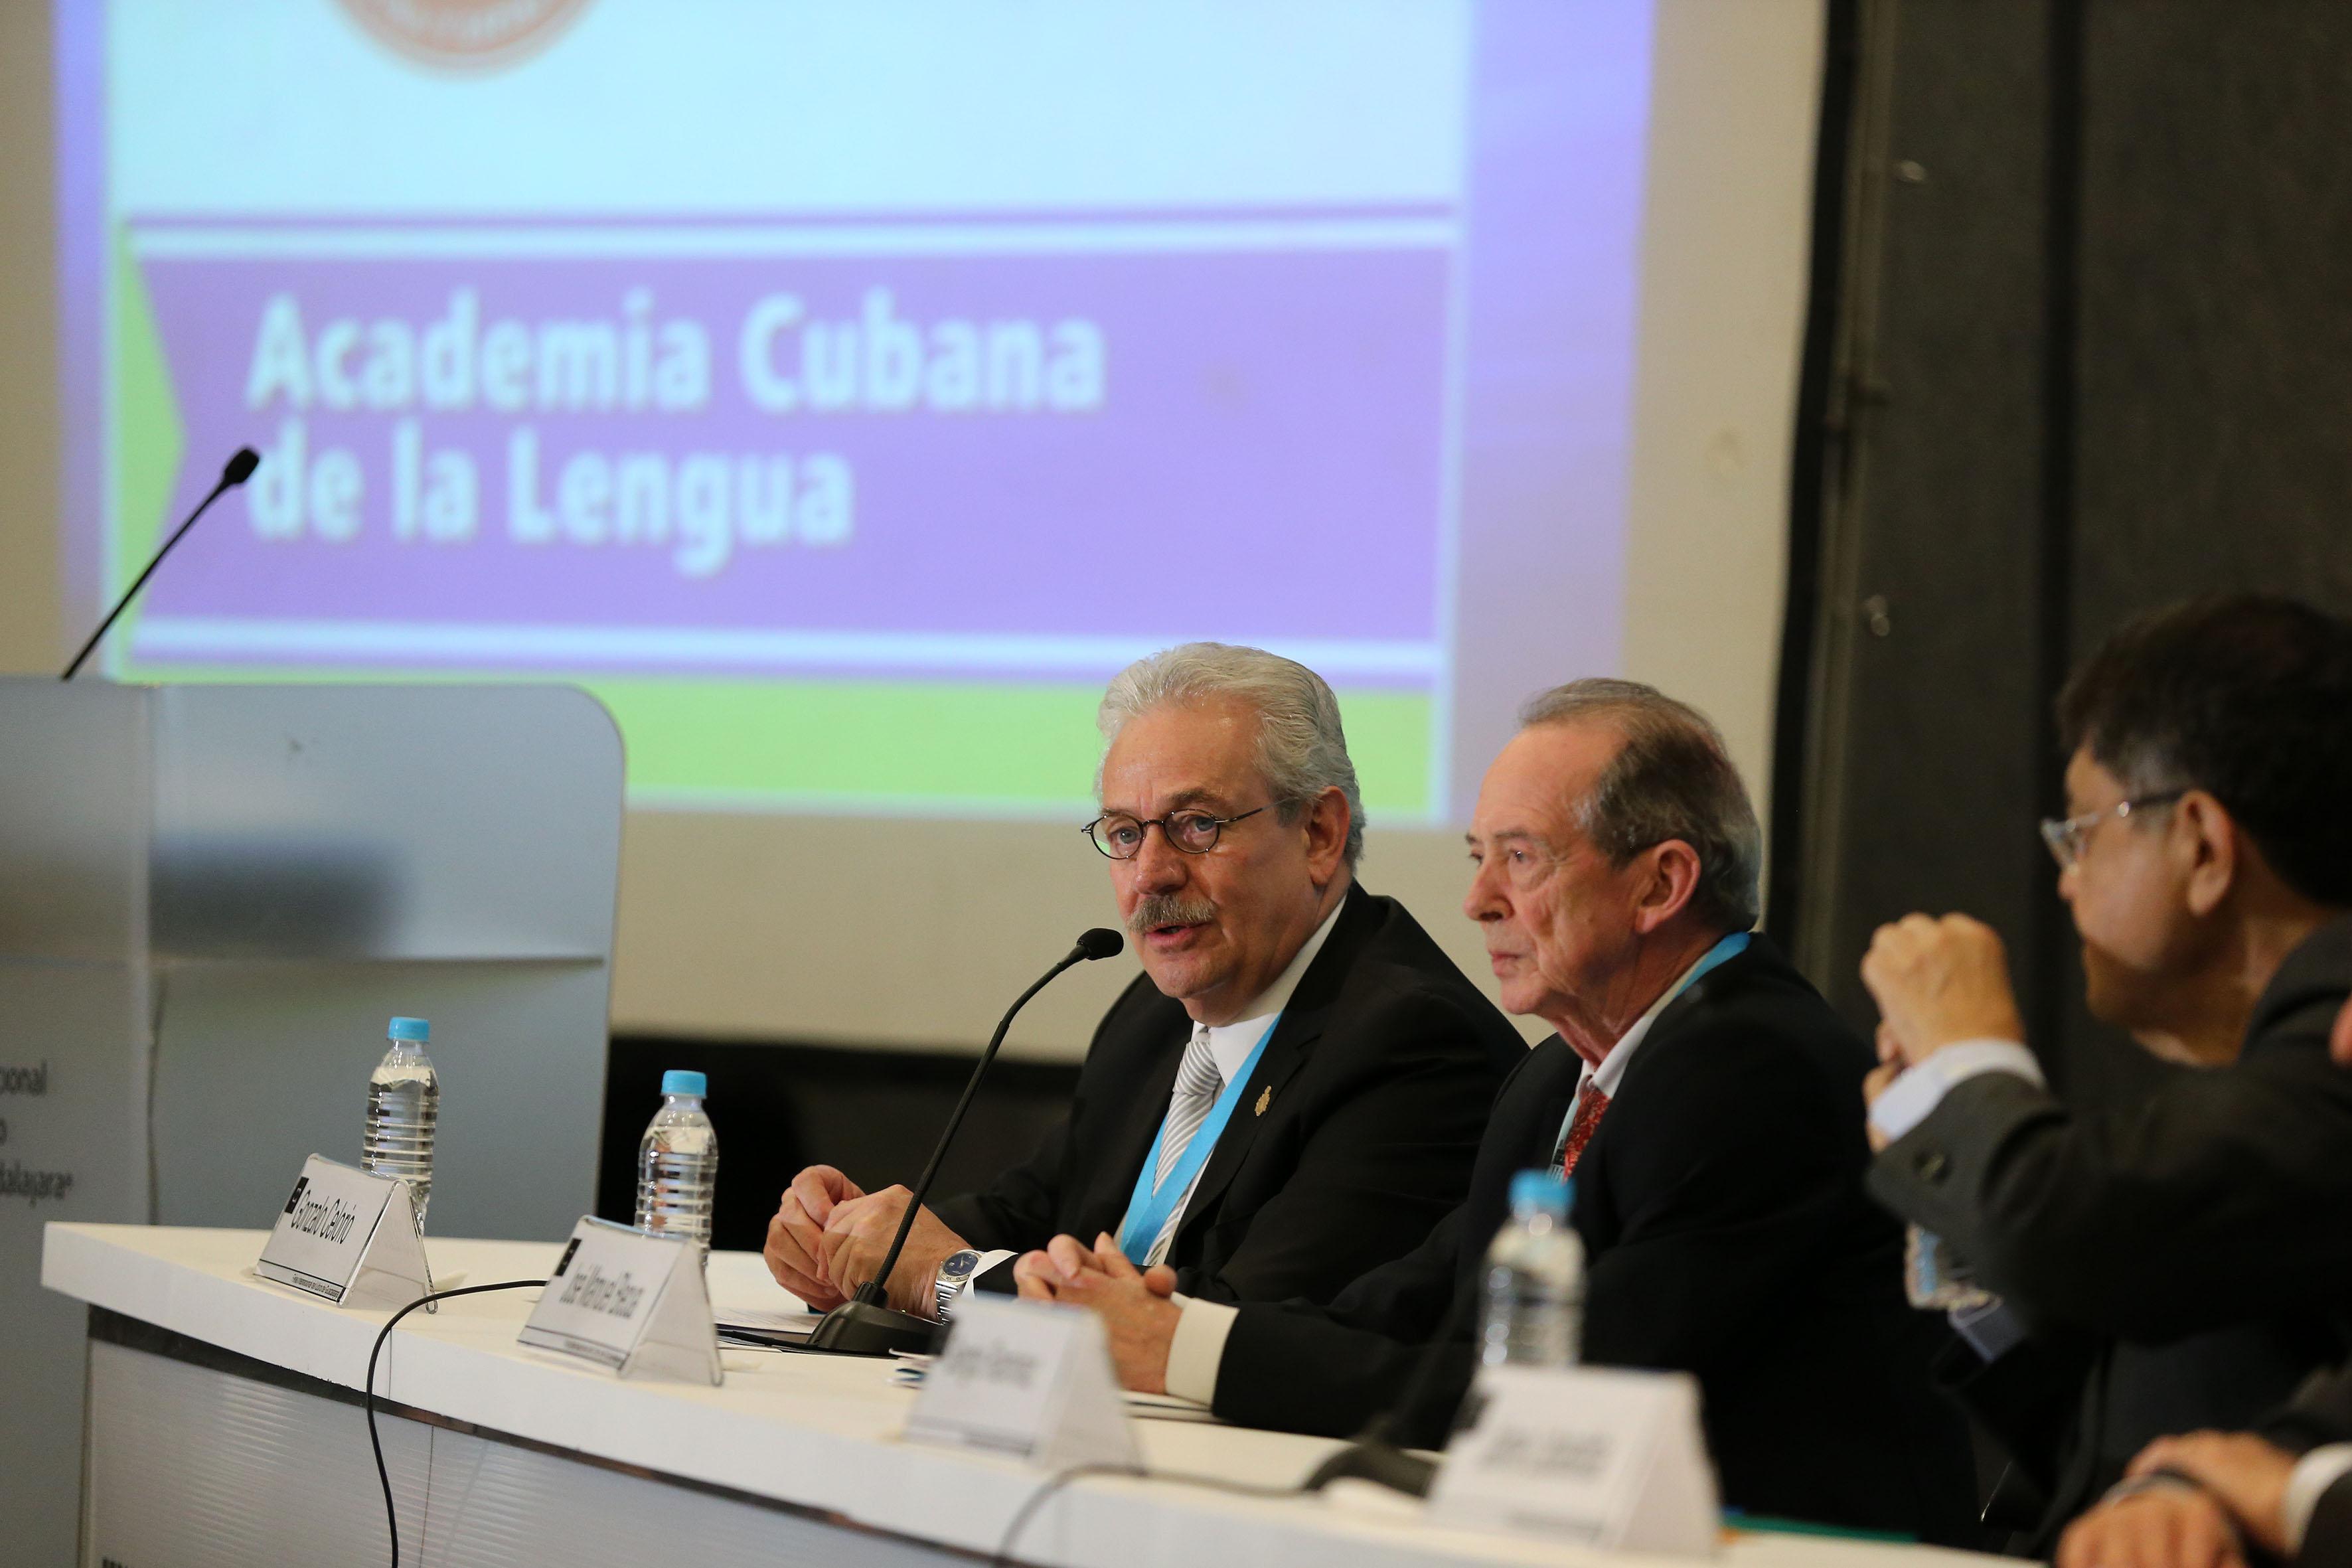 Las 22 academias de la lengua se reúnen en diversas actividades